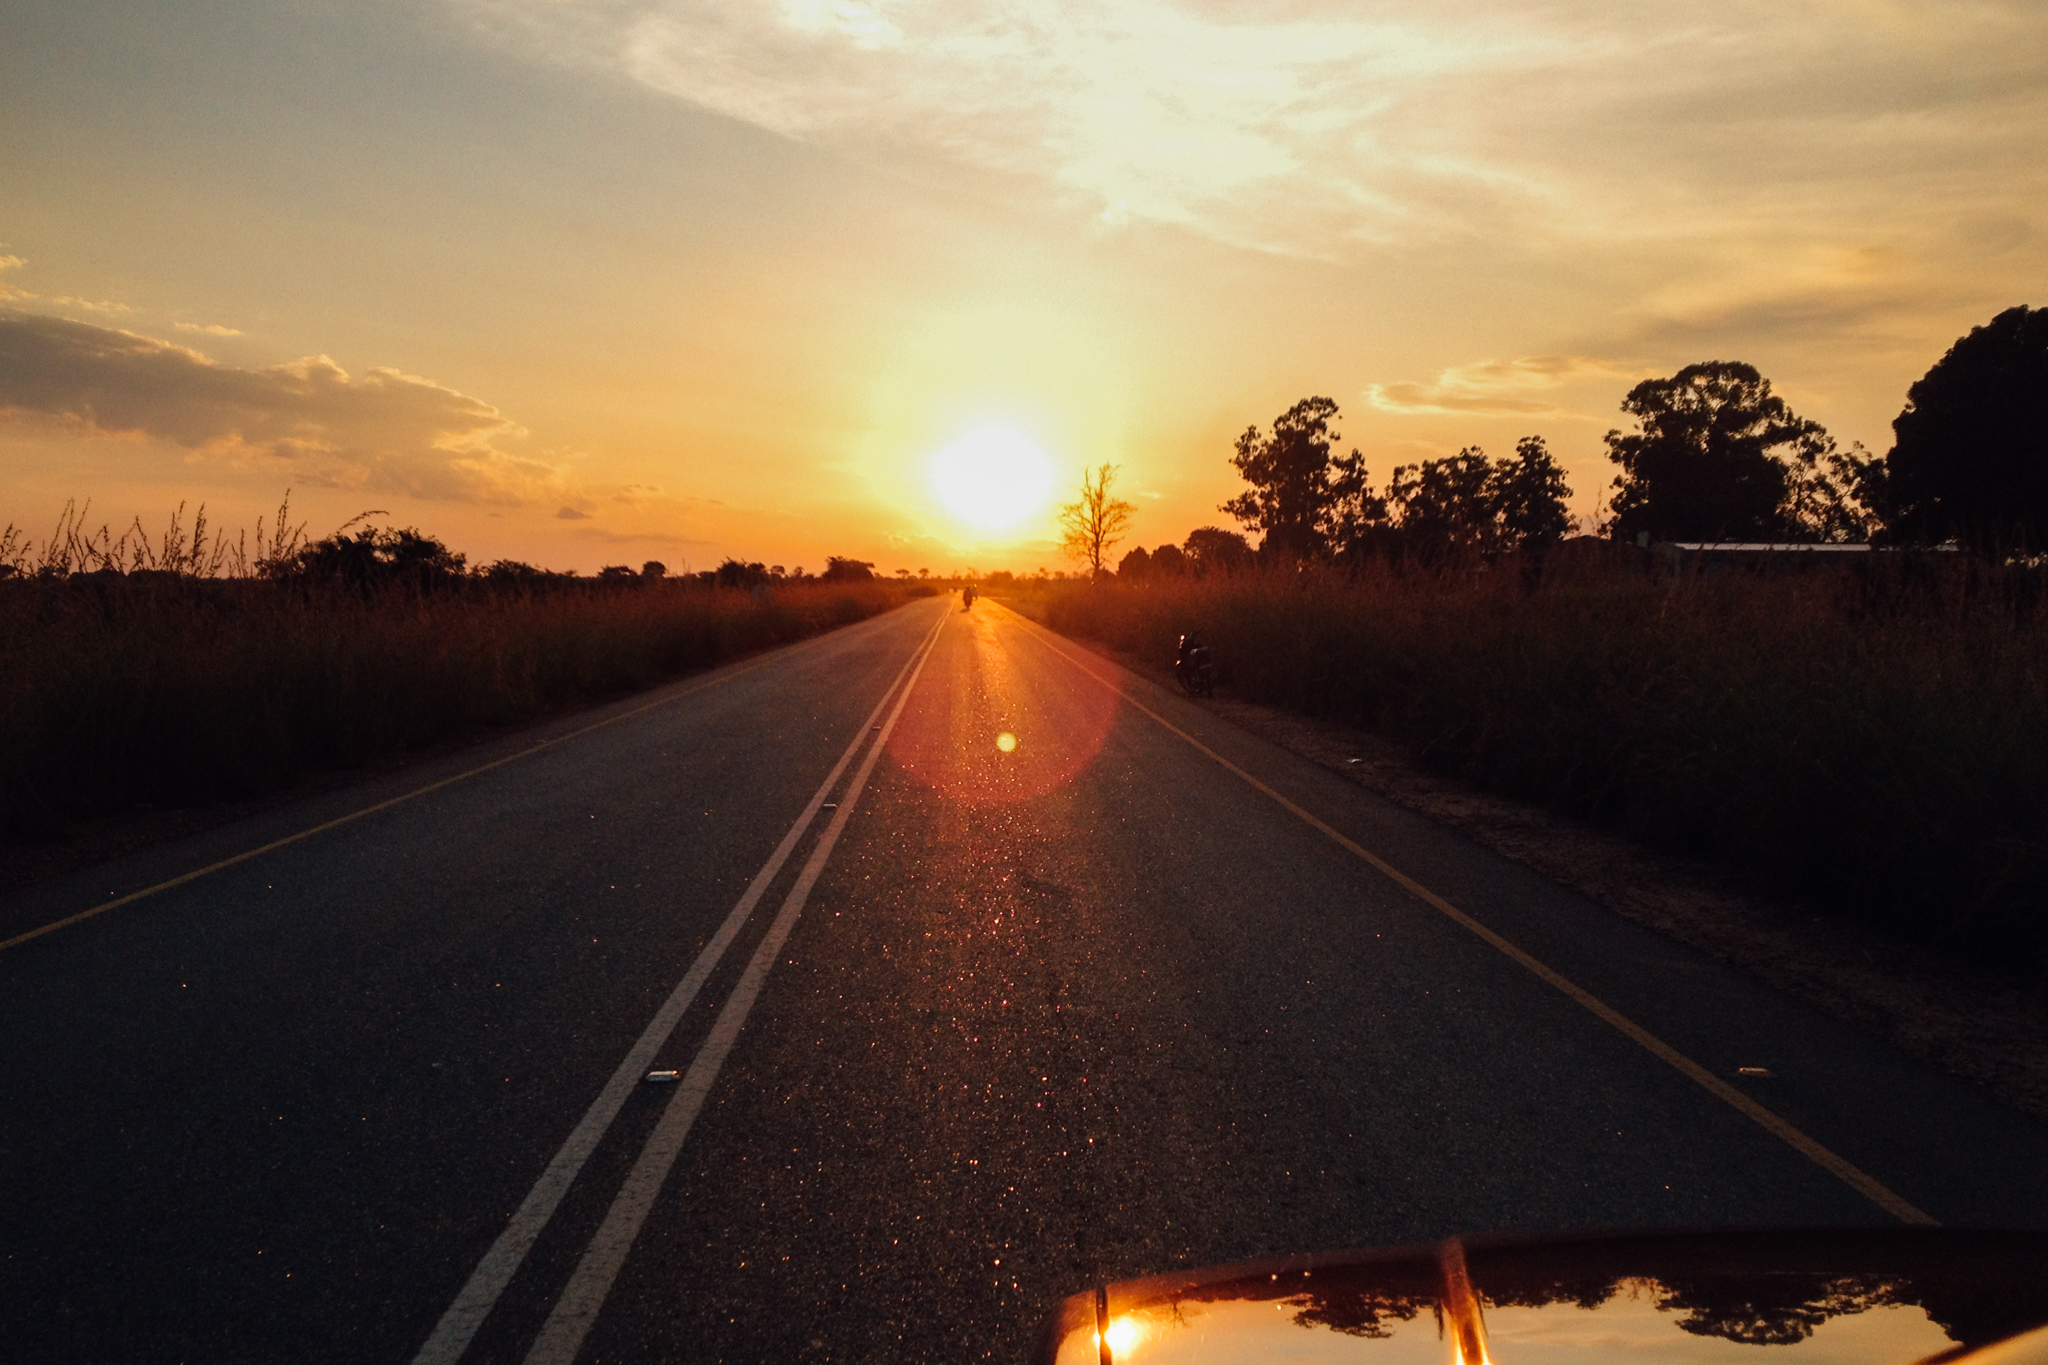 [2014] iPhone 4S - Saurimo, Angola